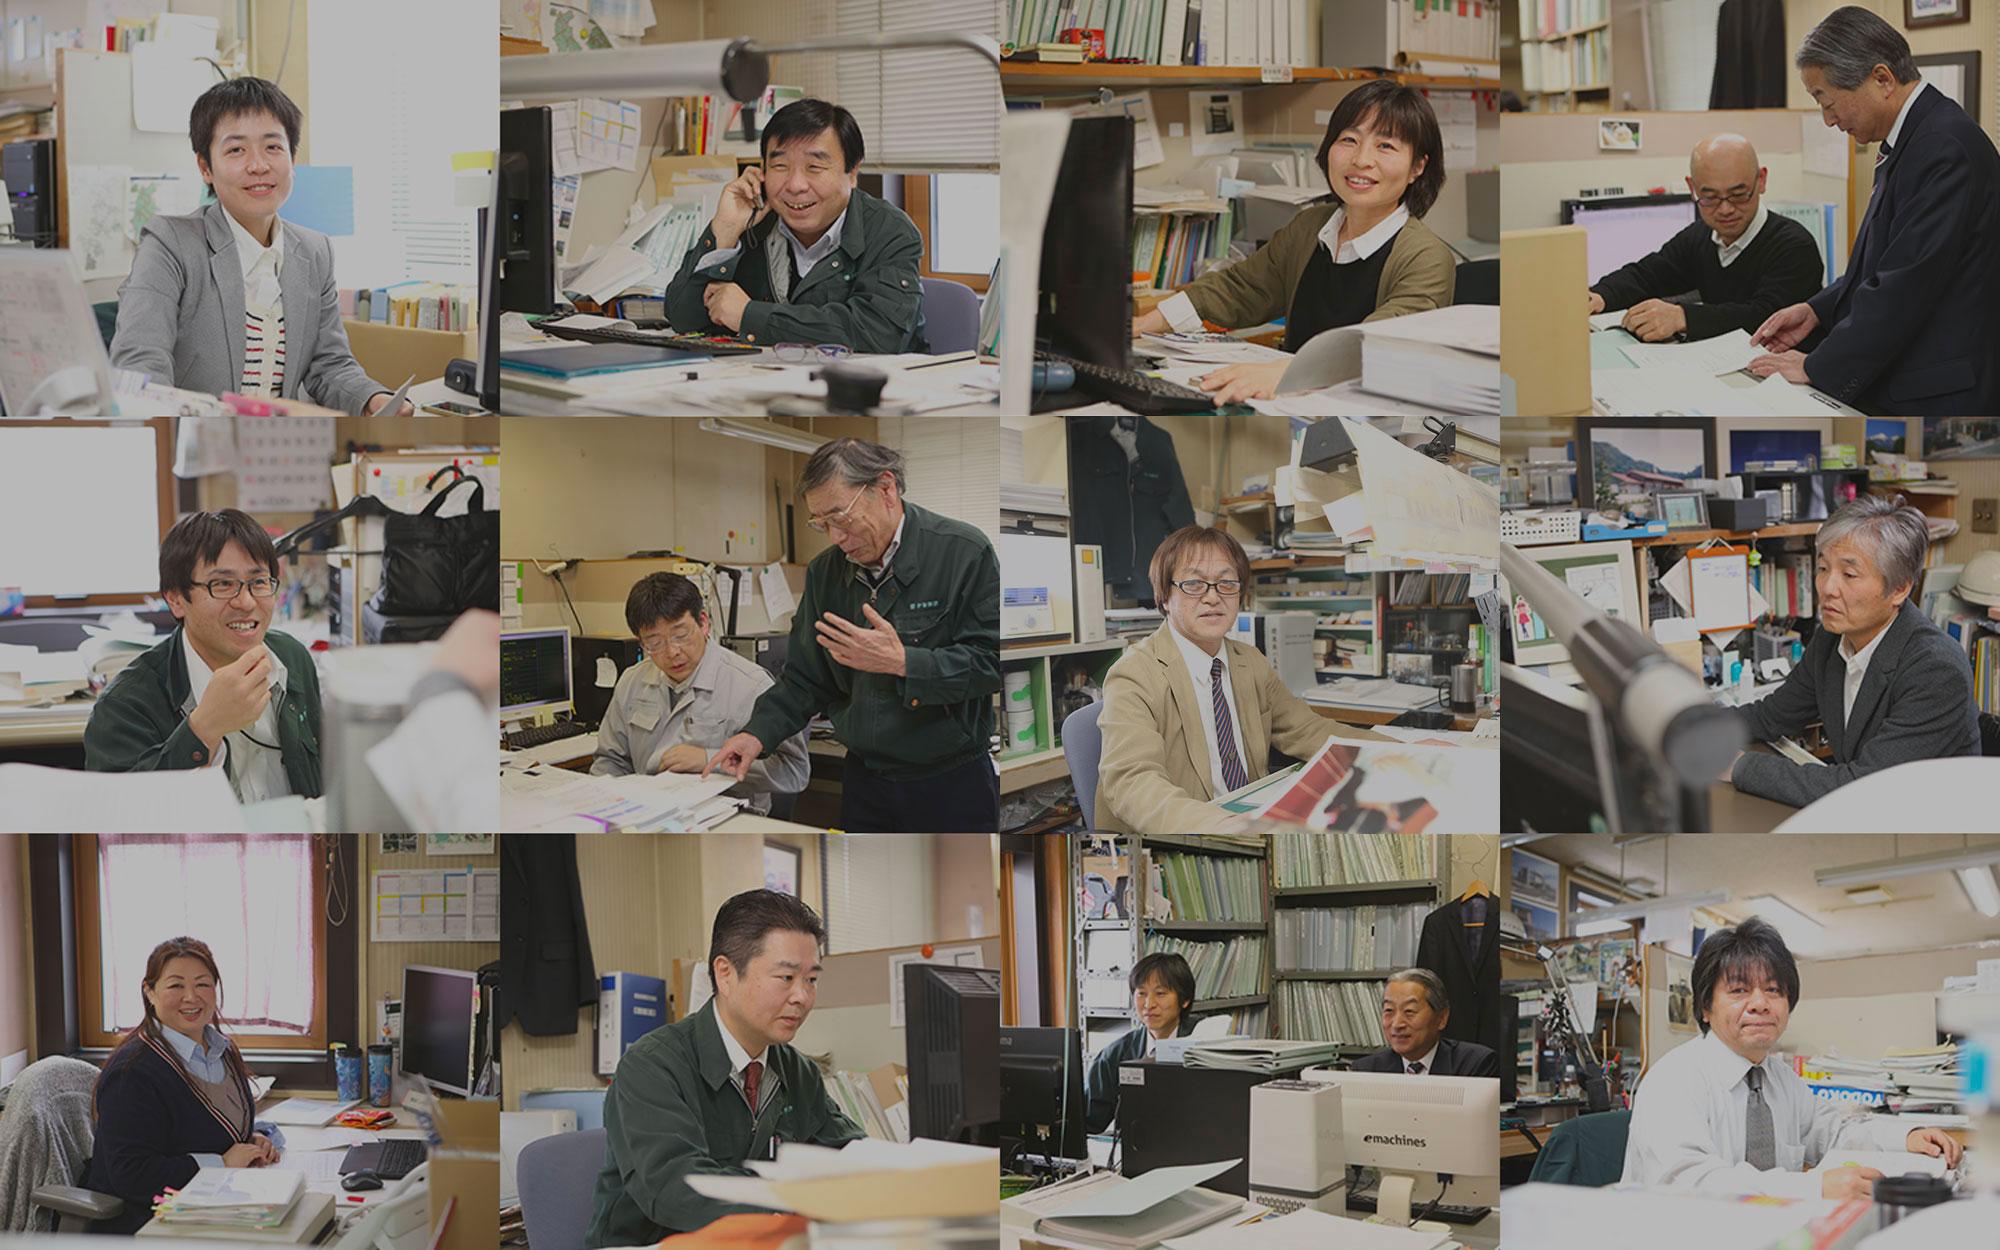 松本市新卒採用伊藤建築設計事務所